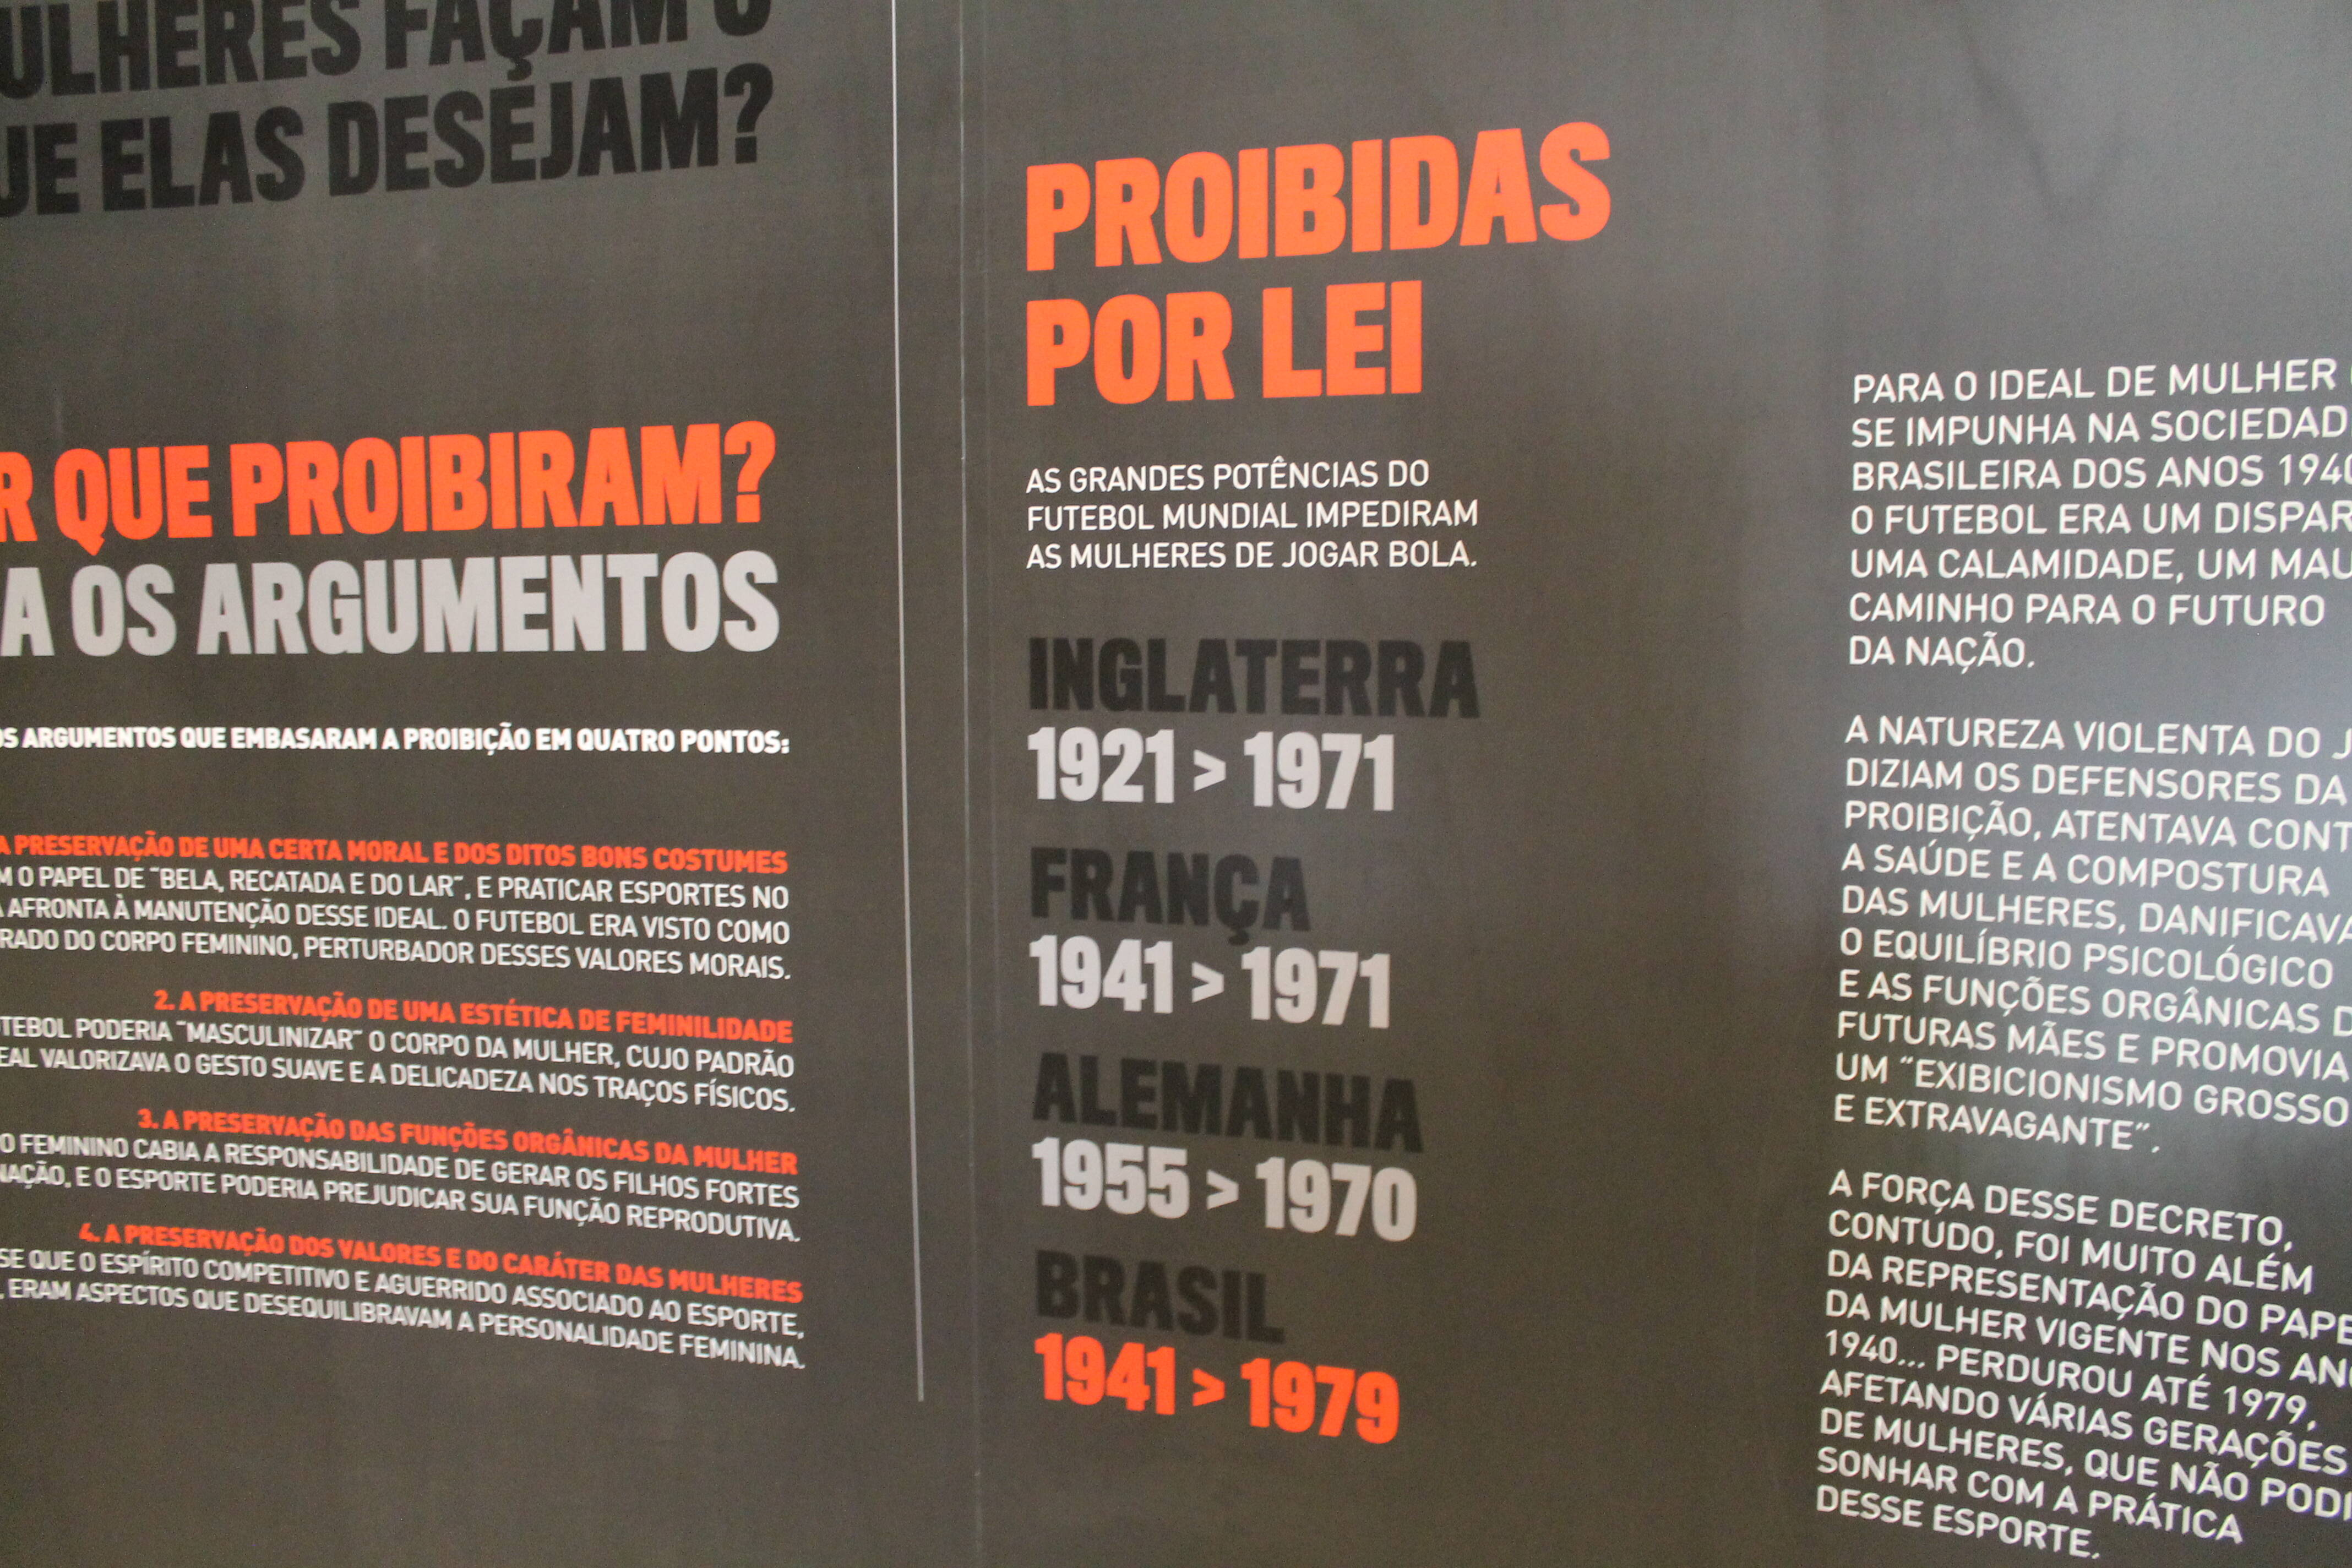 Não foi só o Brasil que proibiu as mulheres de praticarem o futebol. Foto: Flavia Matos/ IG